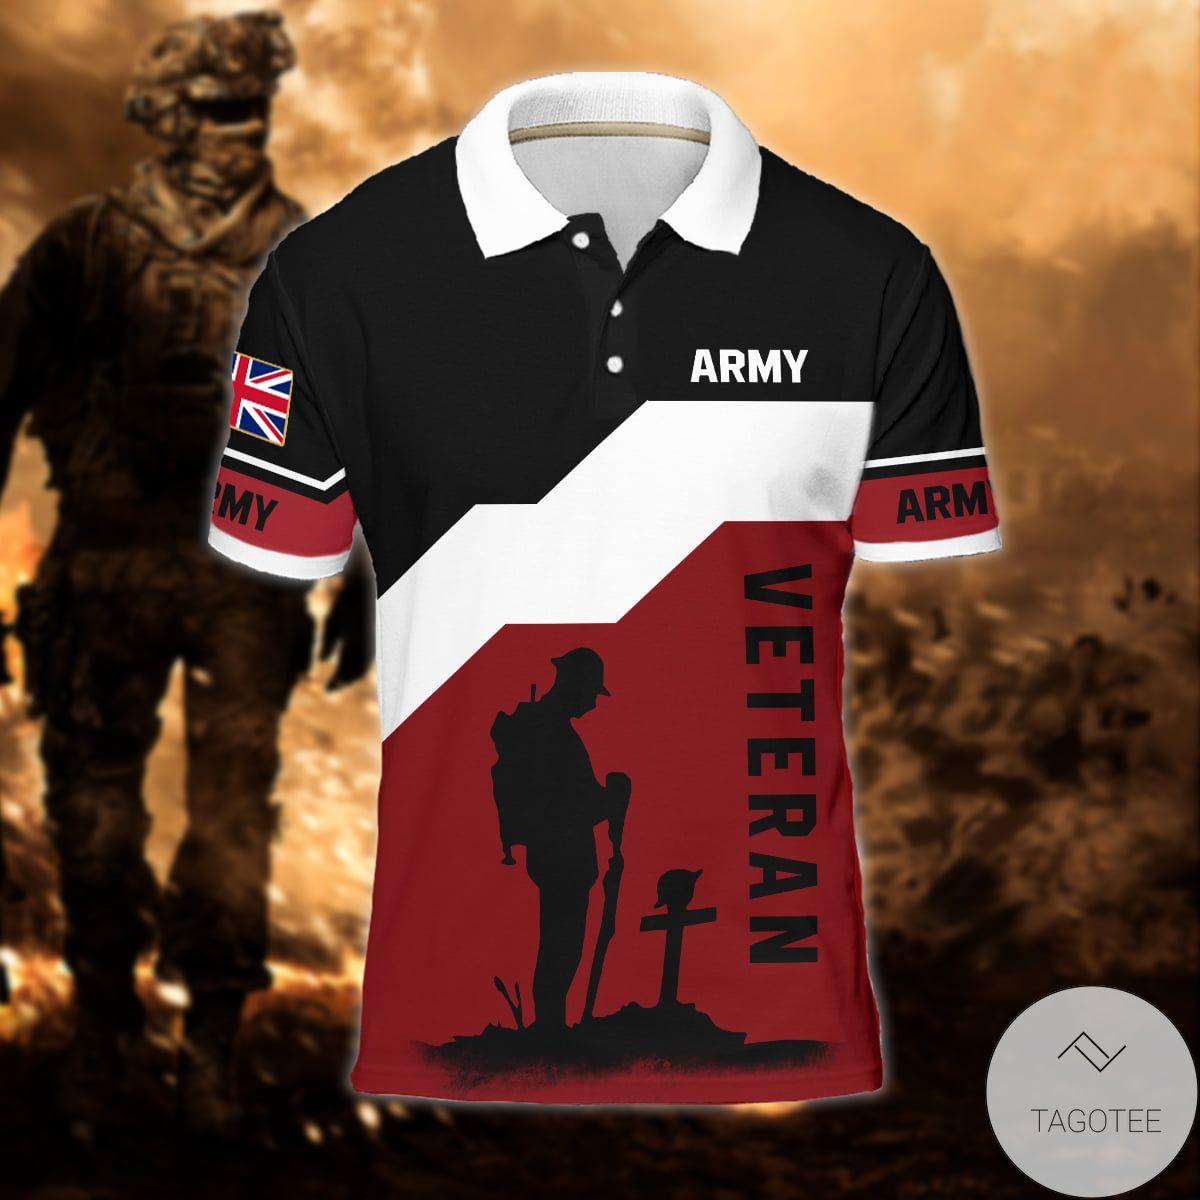 United Kingdom Army Veteran Polo Shirt